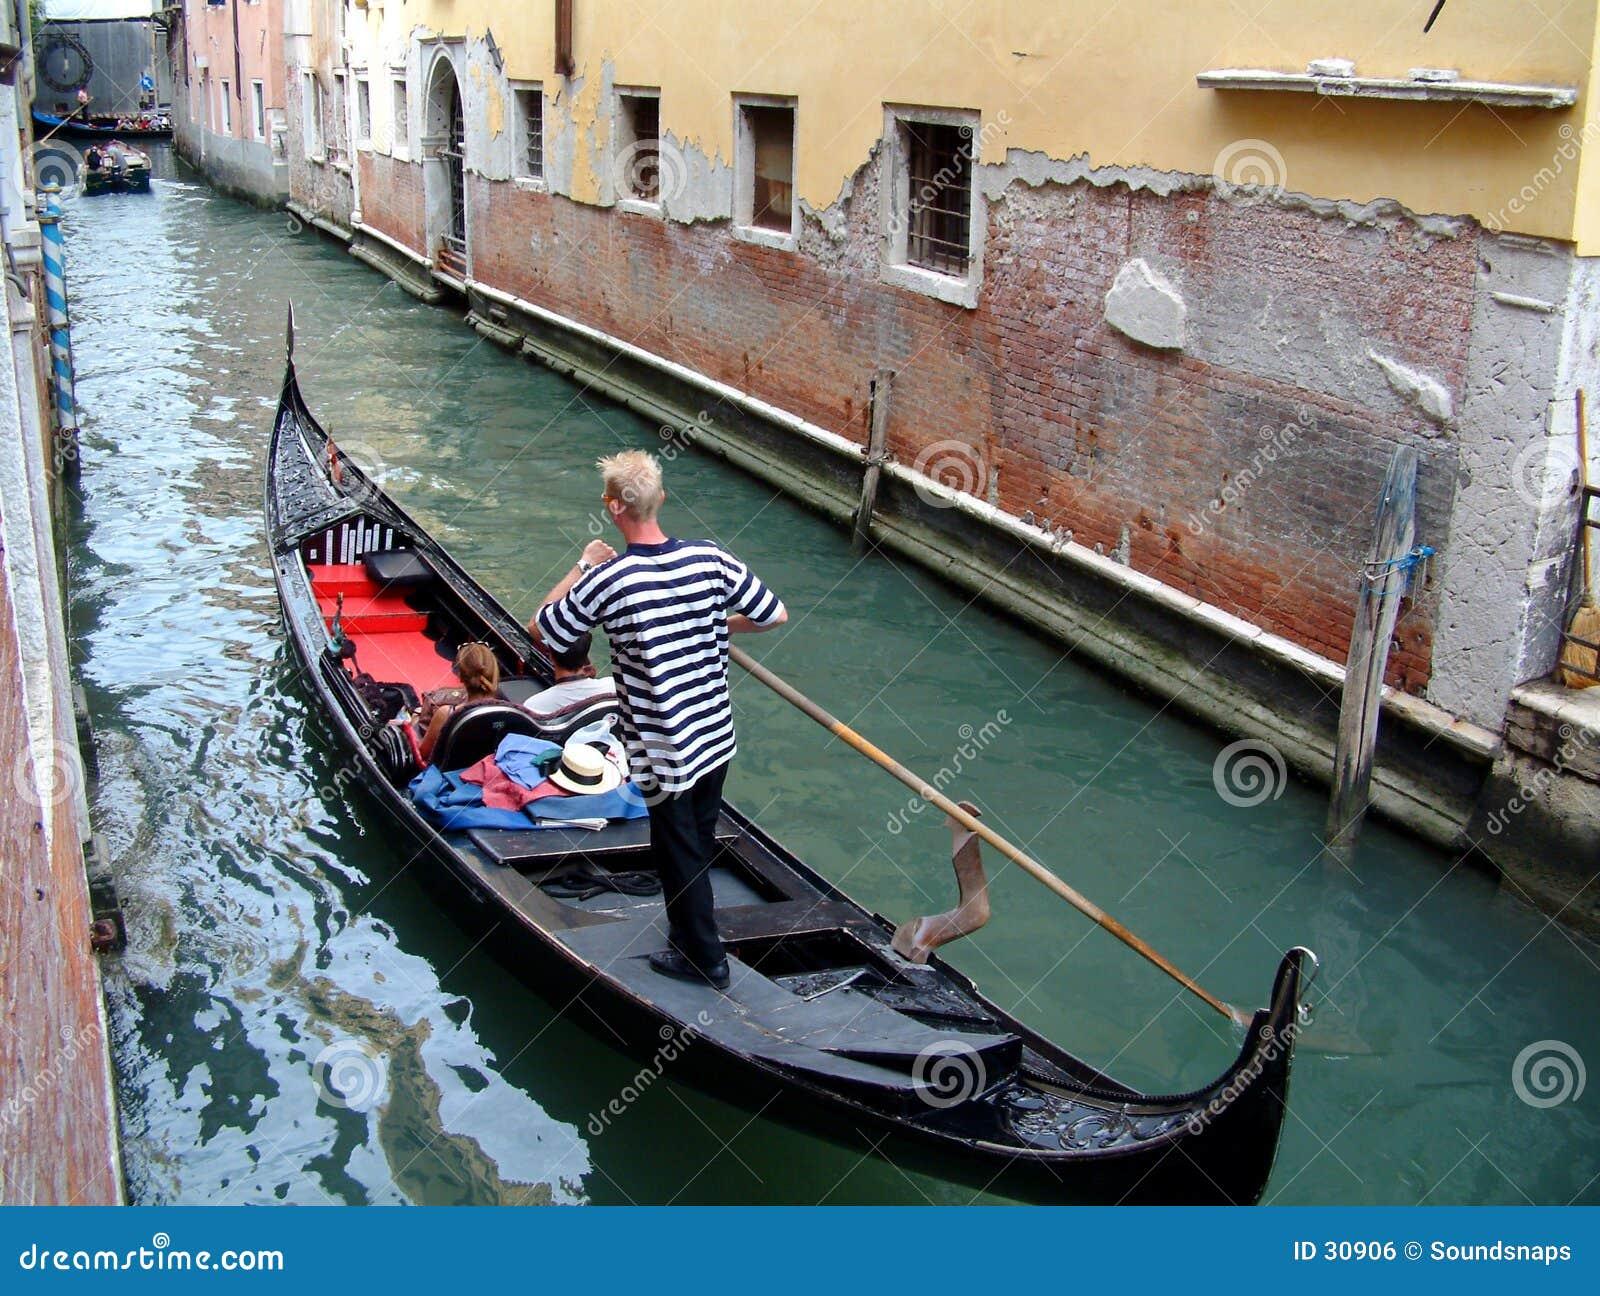 Download Gondolero en Venecia foto de archivo. Imagen de viejo, tradicional - 30906